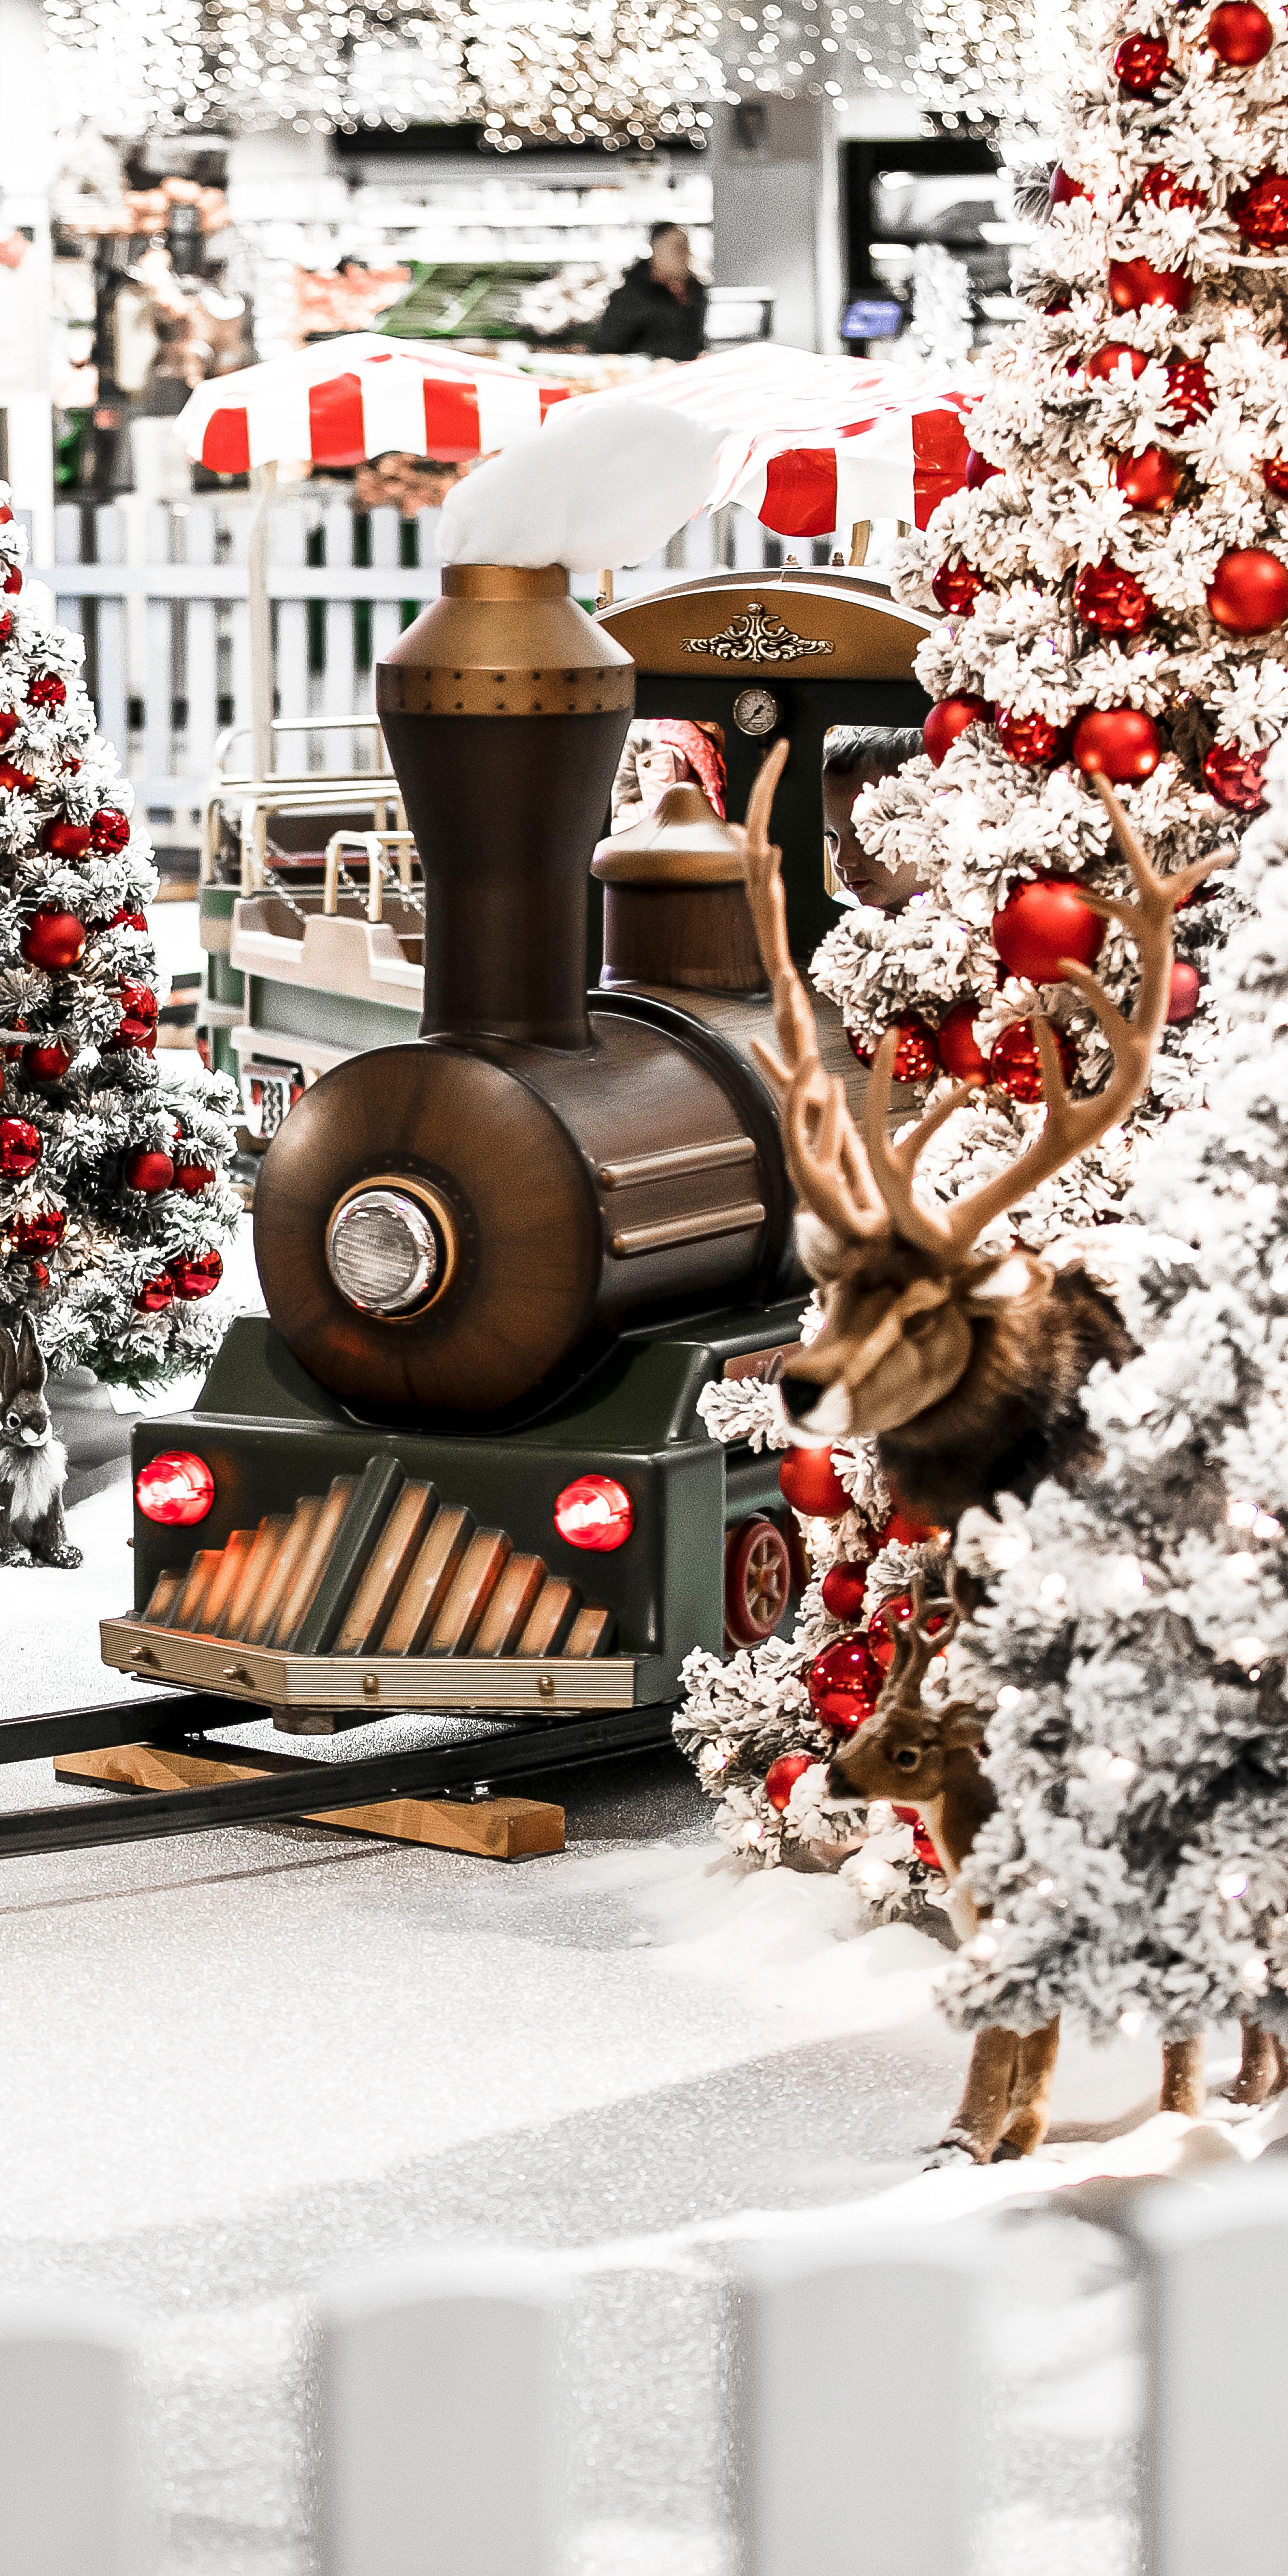 Weihnachten Coop Letzipark Hirsch Zug